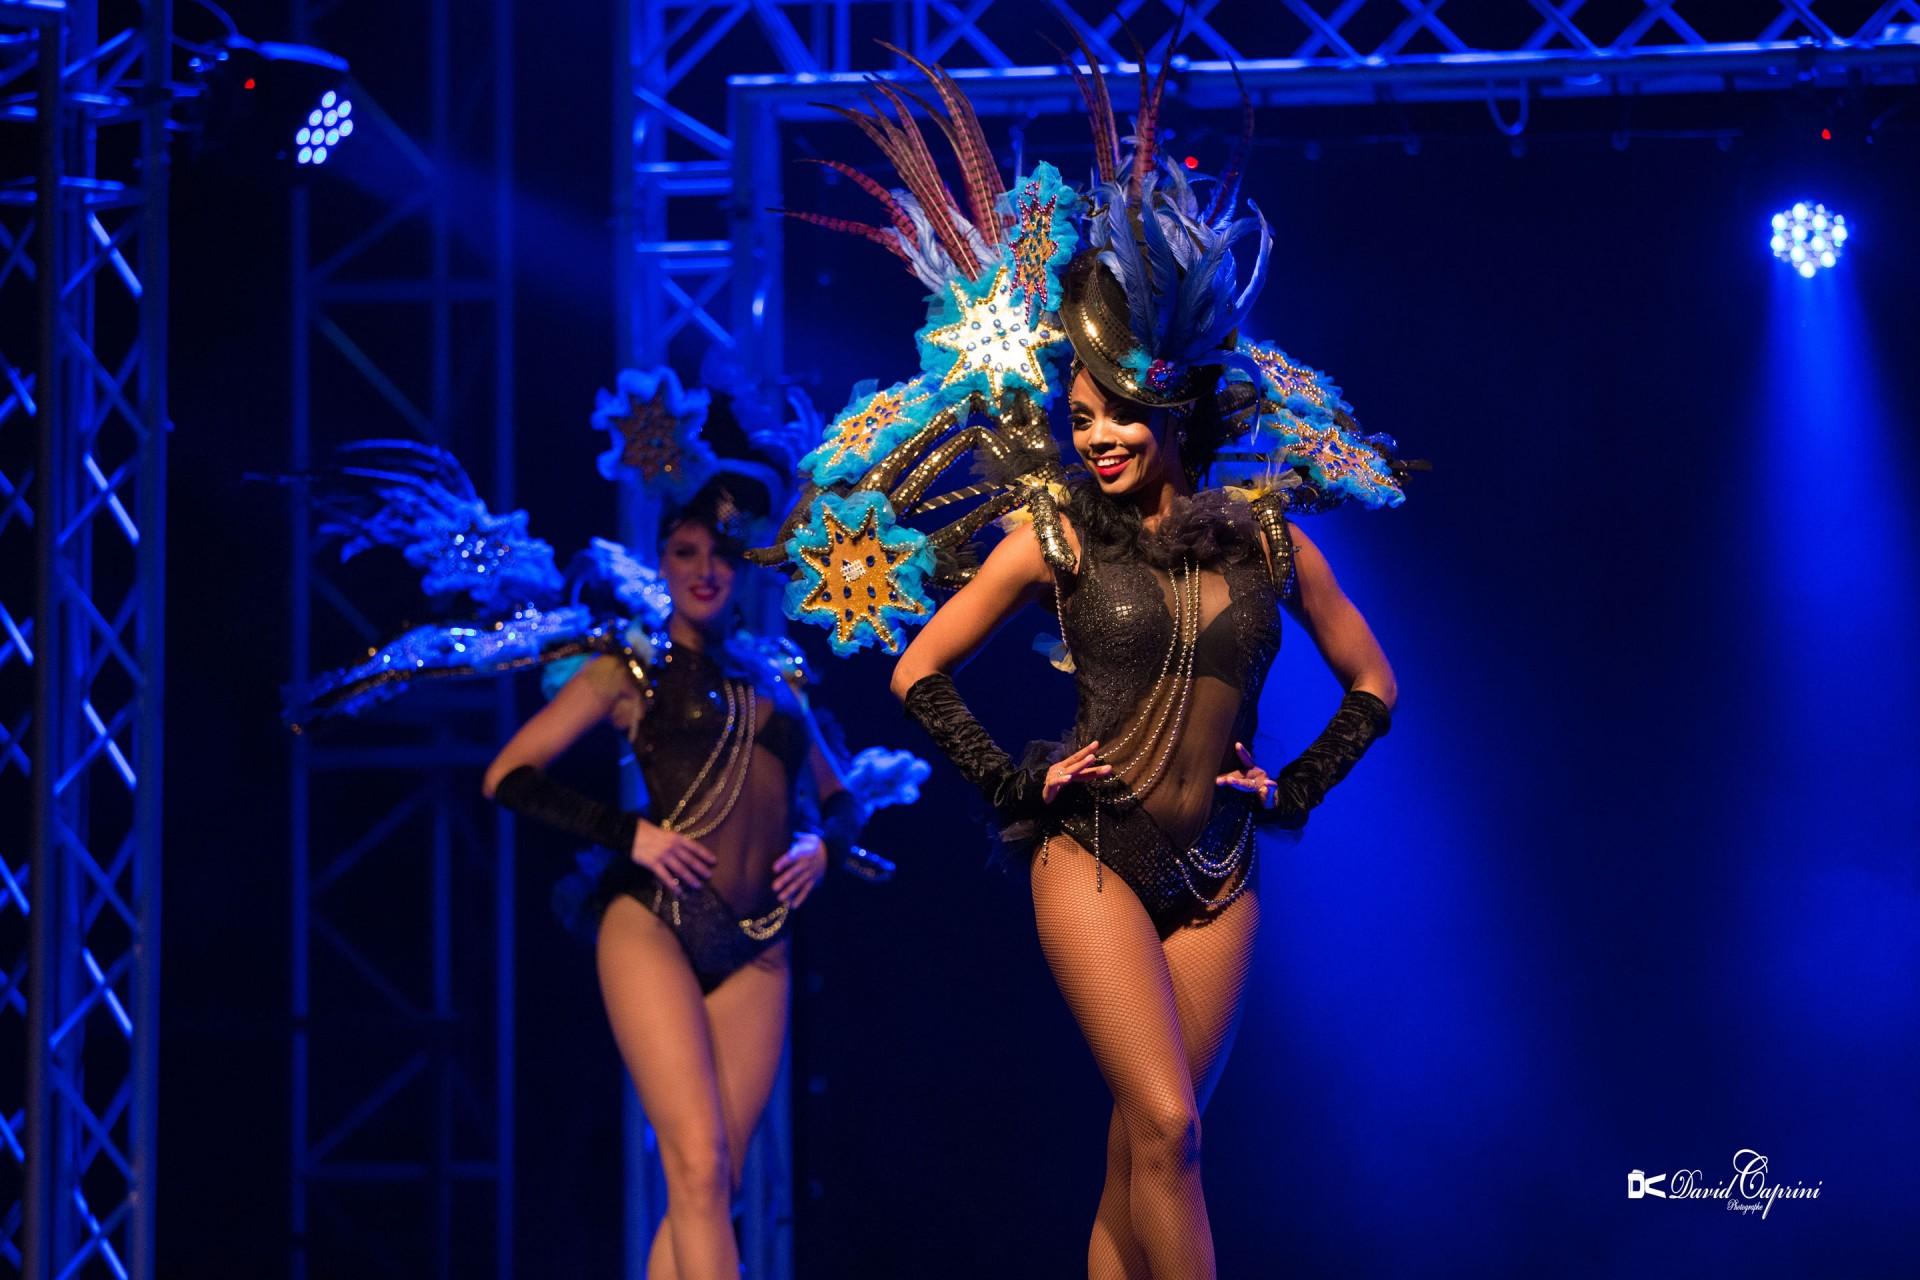 Notre superbe spectacle de Cabaret Moderne «ÉVASION» à Sainte-Maxime en cette magnifique saison d'été qui s'annonce pleine de succès.